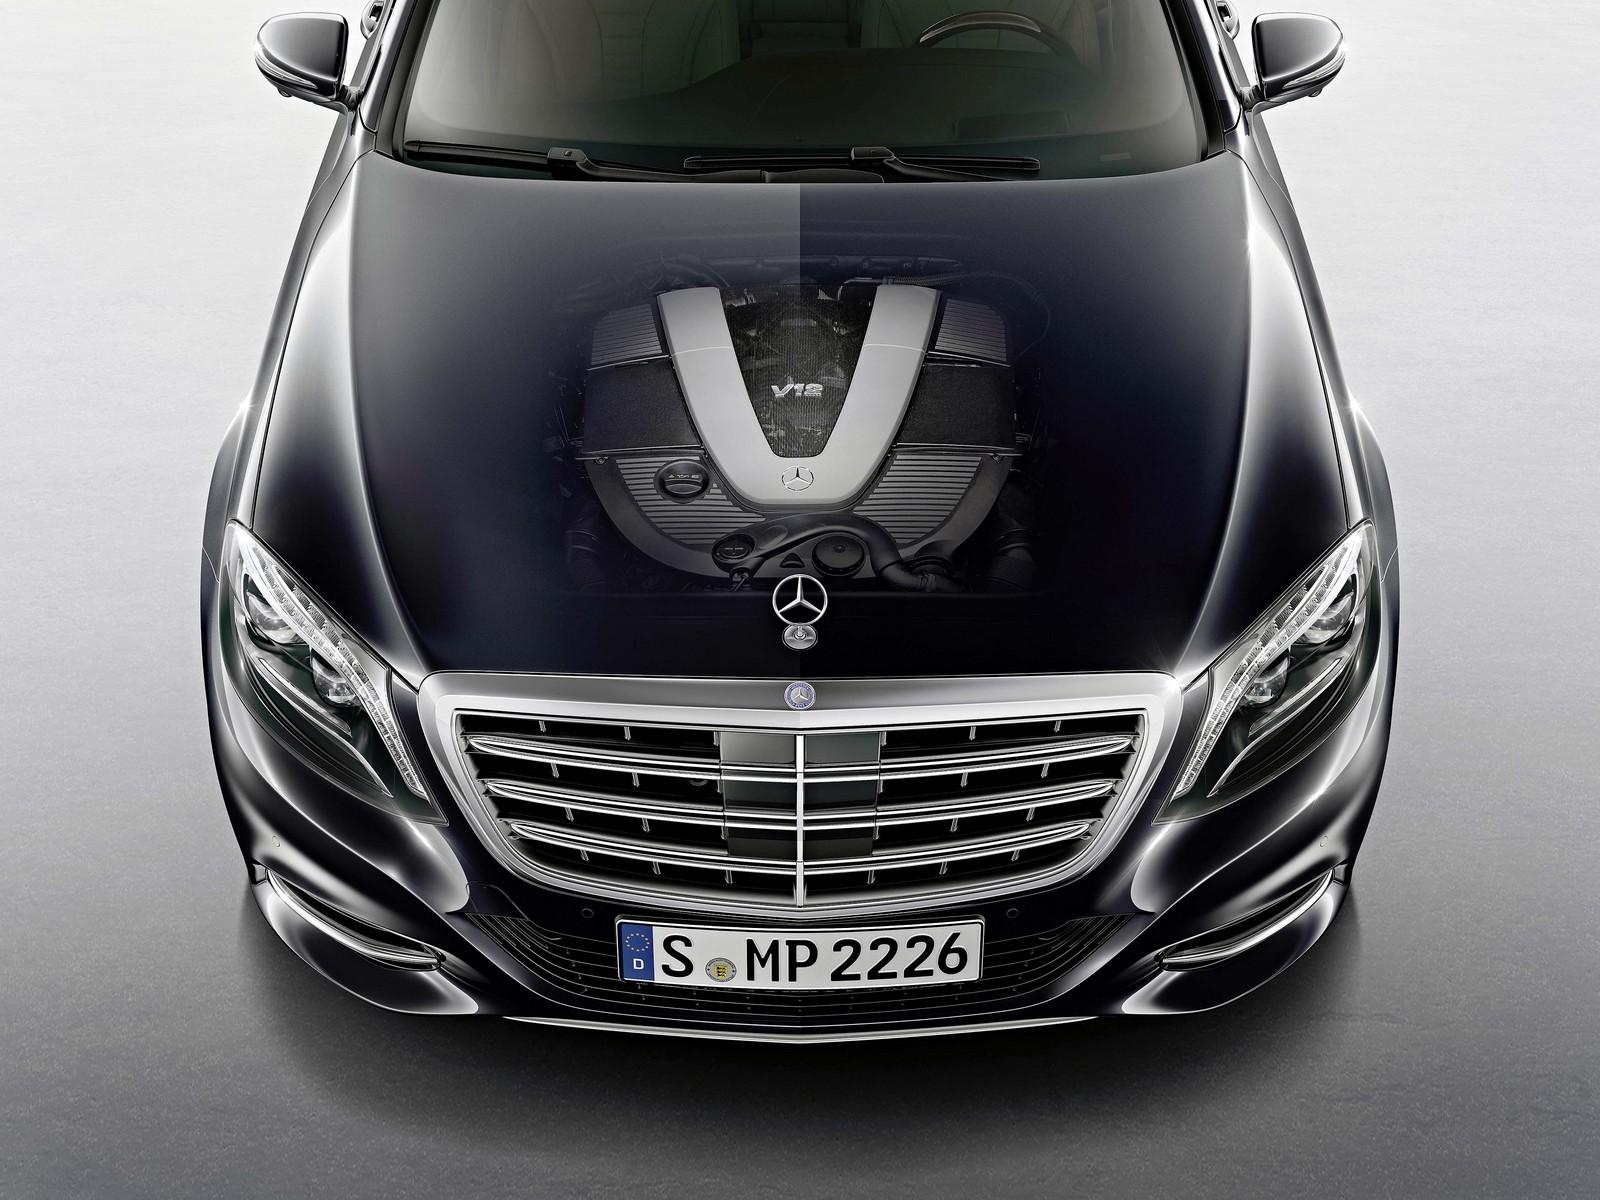 Mercedes S class 2018 2019 (6)